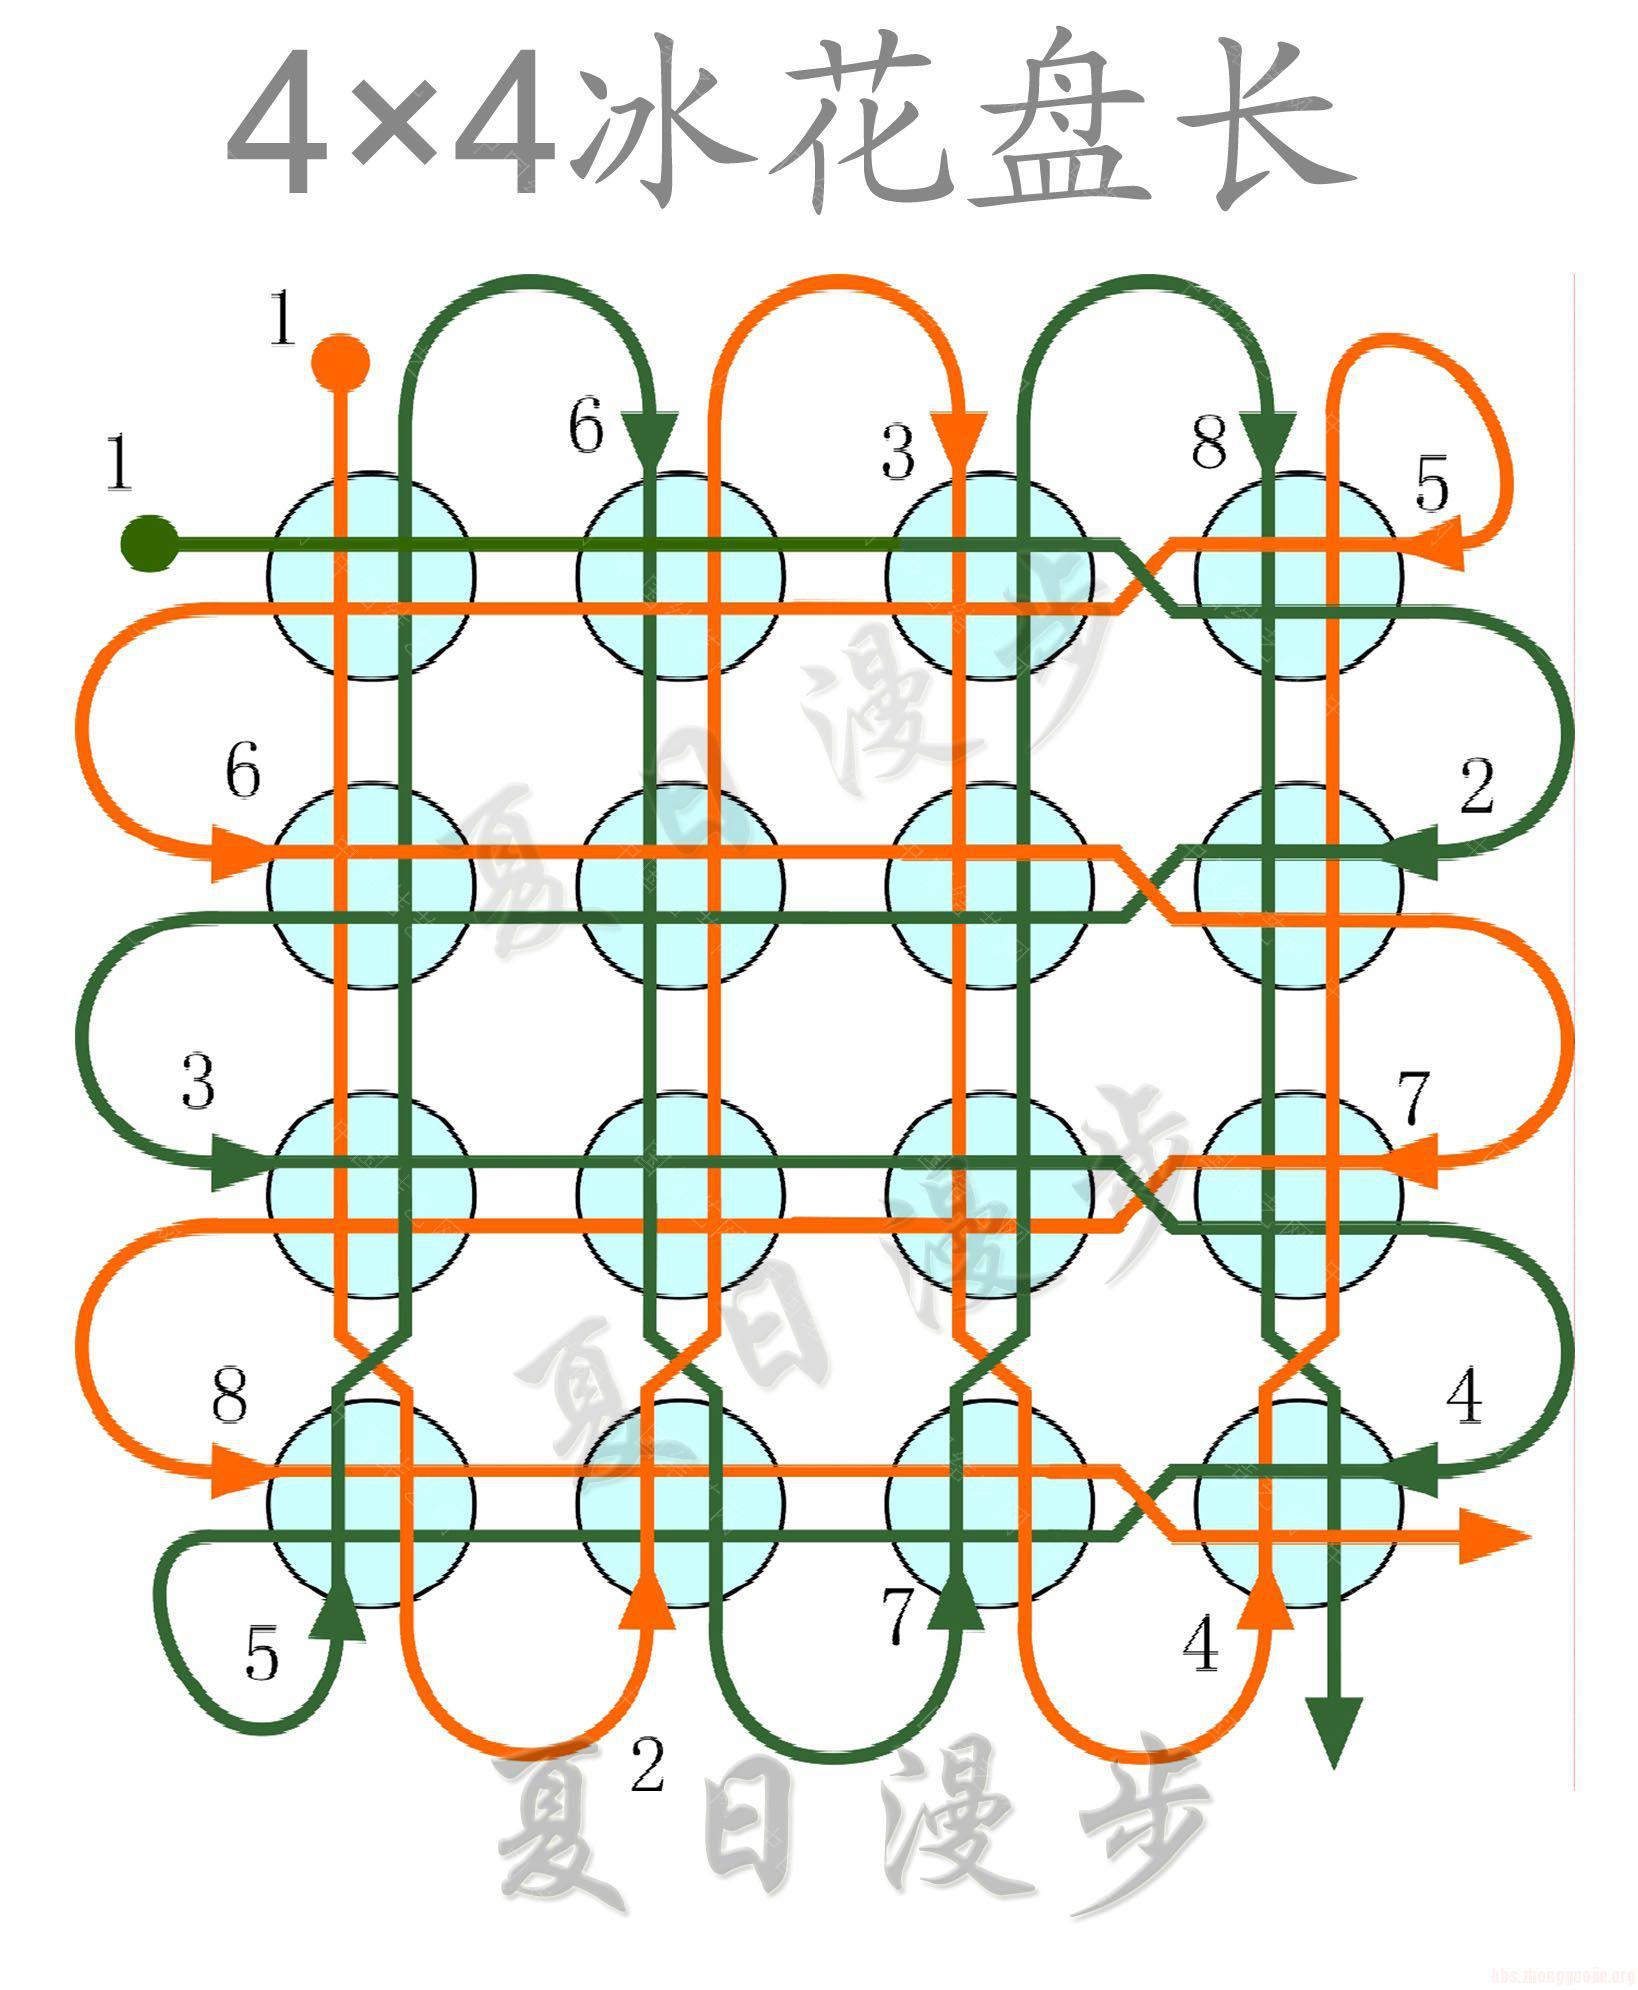 中国结论坛 改进版4X4冰花盘长和复翼盘长 改进,盘长,冰花的形状像什么,自然冰花,冰花的意思 冰花结(华瑶结)的教程与讨论区 182551118jcywaf129j6yq